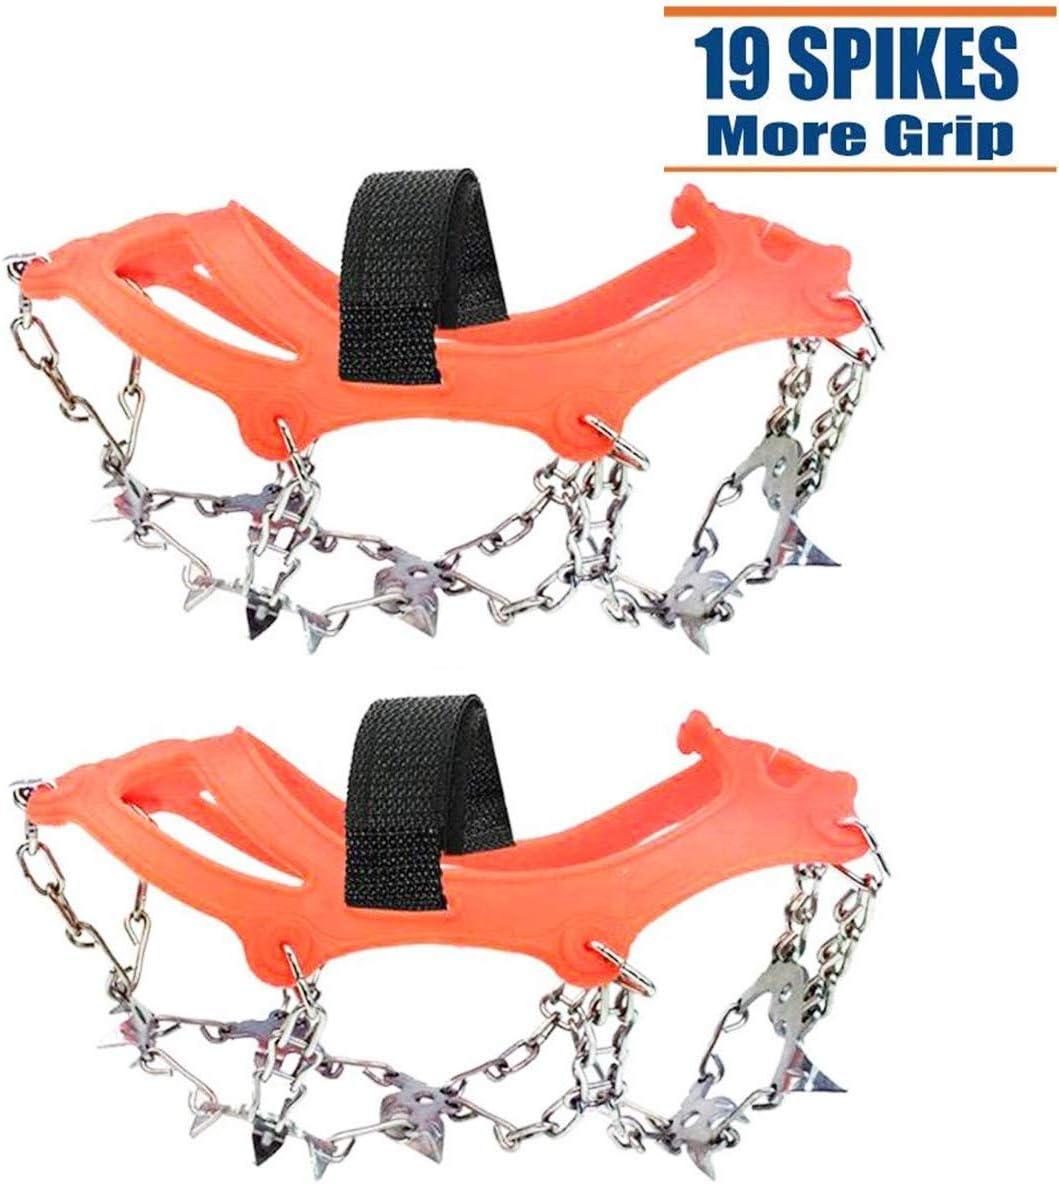 Viene Fornito con 6 moschettone Hook Ice Tacchetti Trazione Antiscivolo su Scarpe//Stivali 10 Borchie Neve Ghiaccio Ramponi Tacchetti Spikes